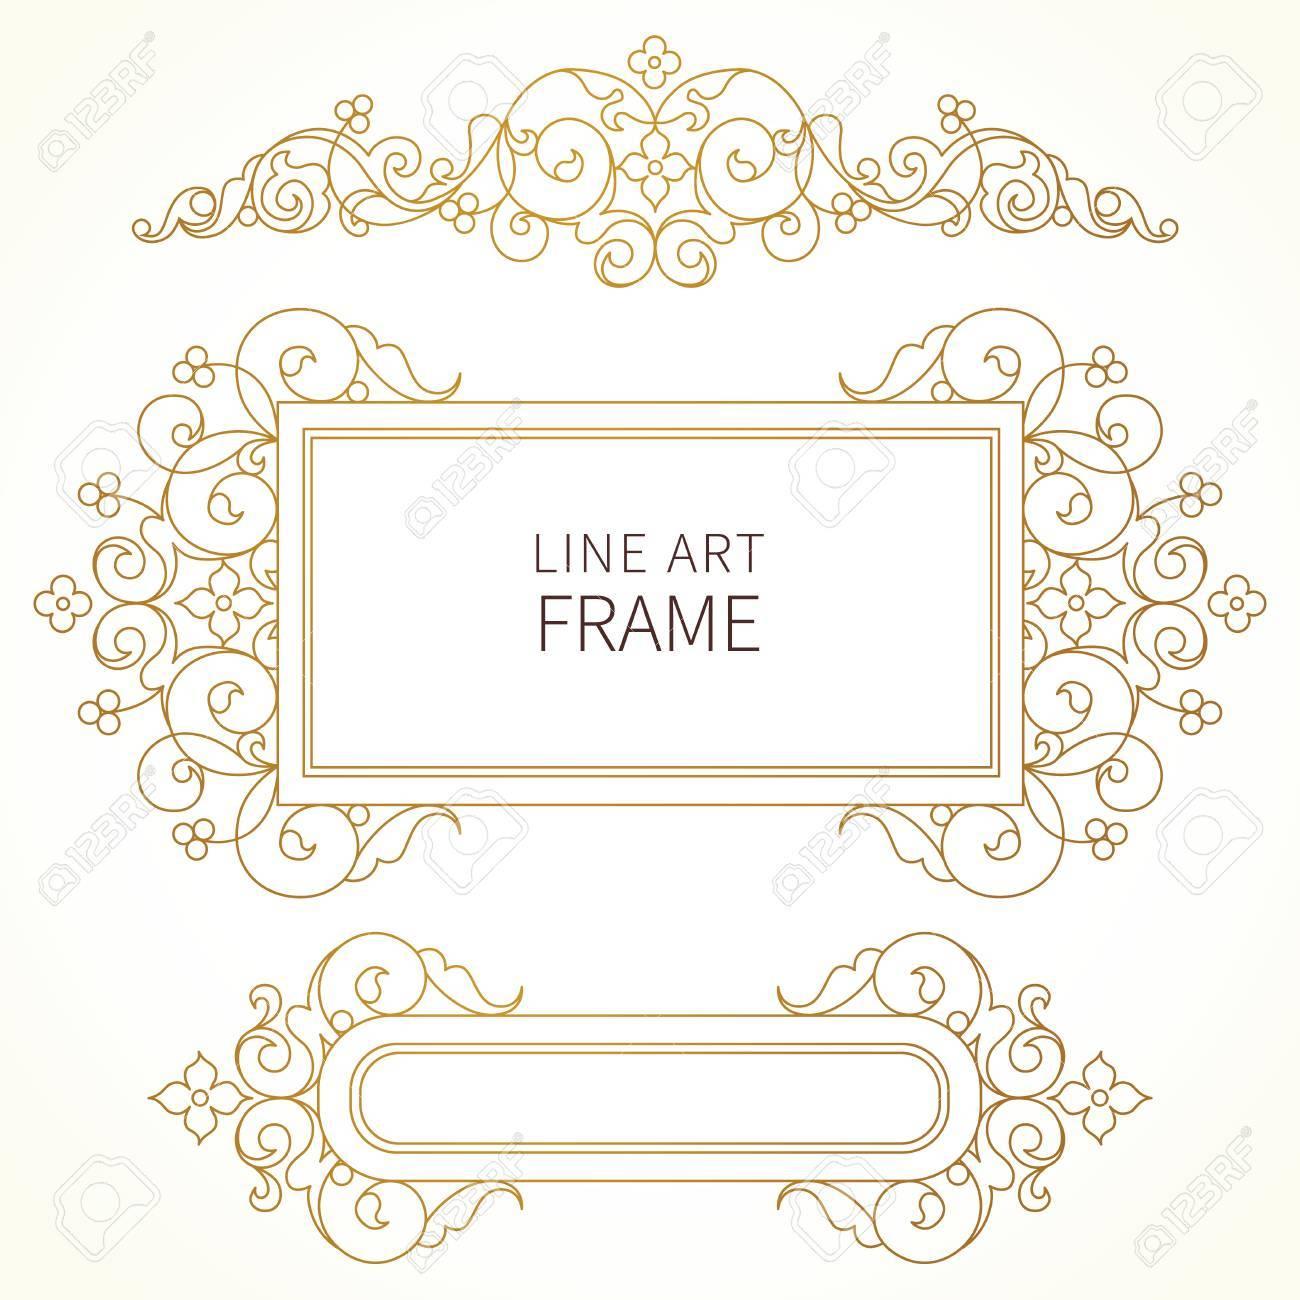 Vector Dekorative Linie Kunst Rahmen Für Design-Vorlage. Elegante ...